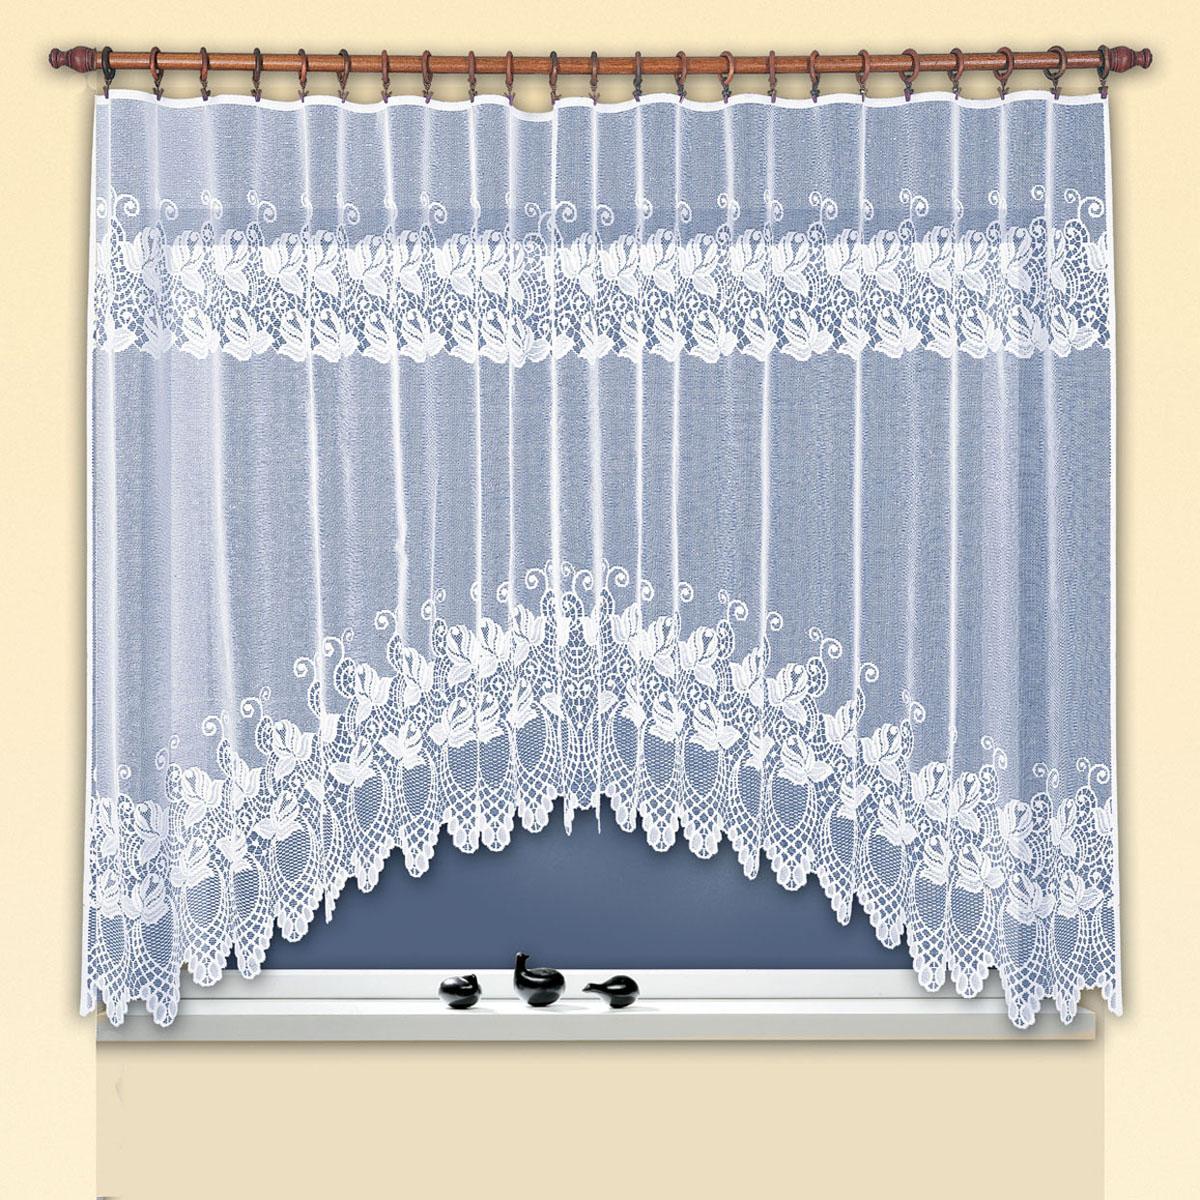 Гардина Haft, цвет: белый, ширина 300 см, высота 160 см. 38180/160200425/160Жаккардовая гардина-арка белого цвета для комплекта под балконный блокРазмеры: высота 160см* ширина300см